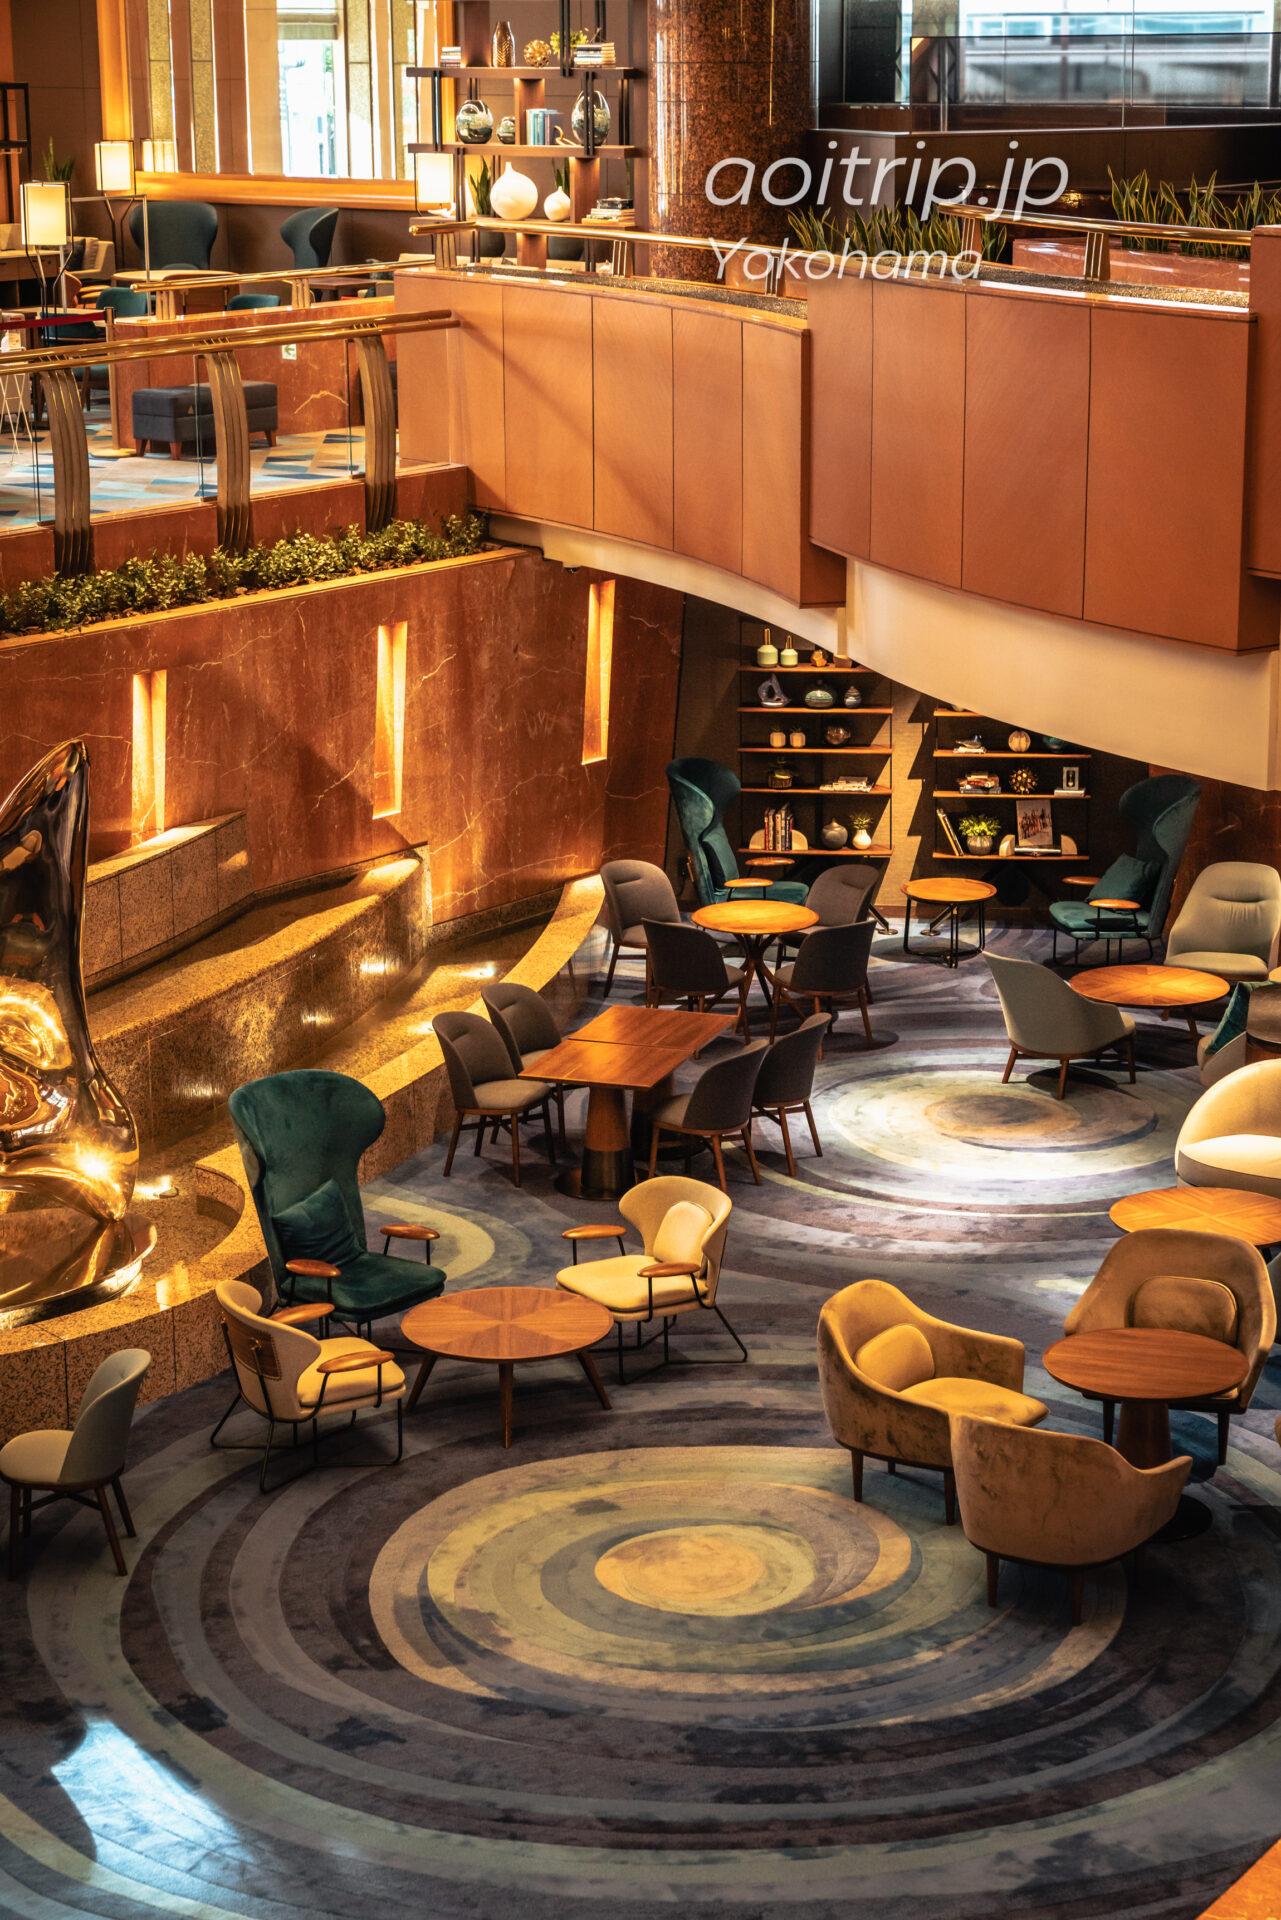 横浜ベイシェラトン ホテル&タワーズ 宿泊記|Yokohama Bay Sheraton Hotel & Towers ロビー